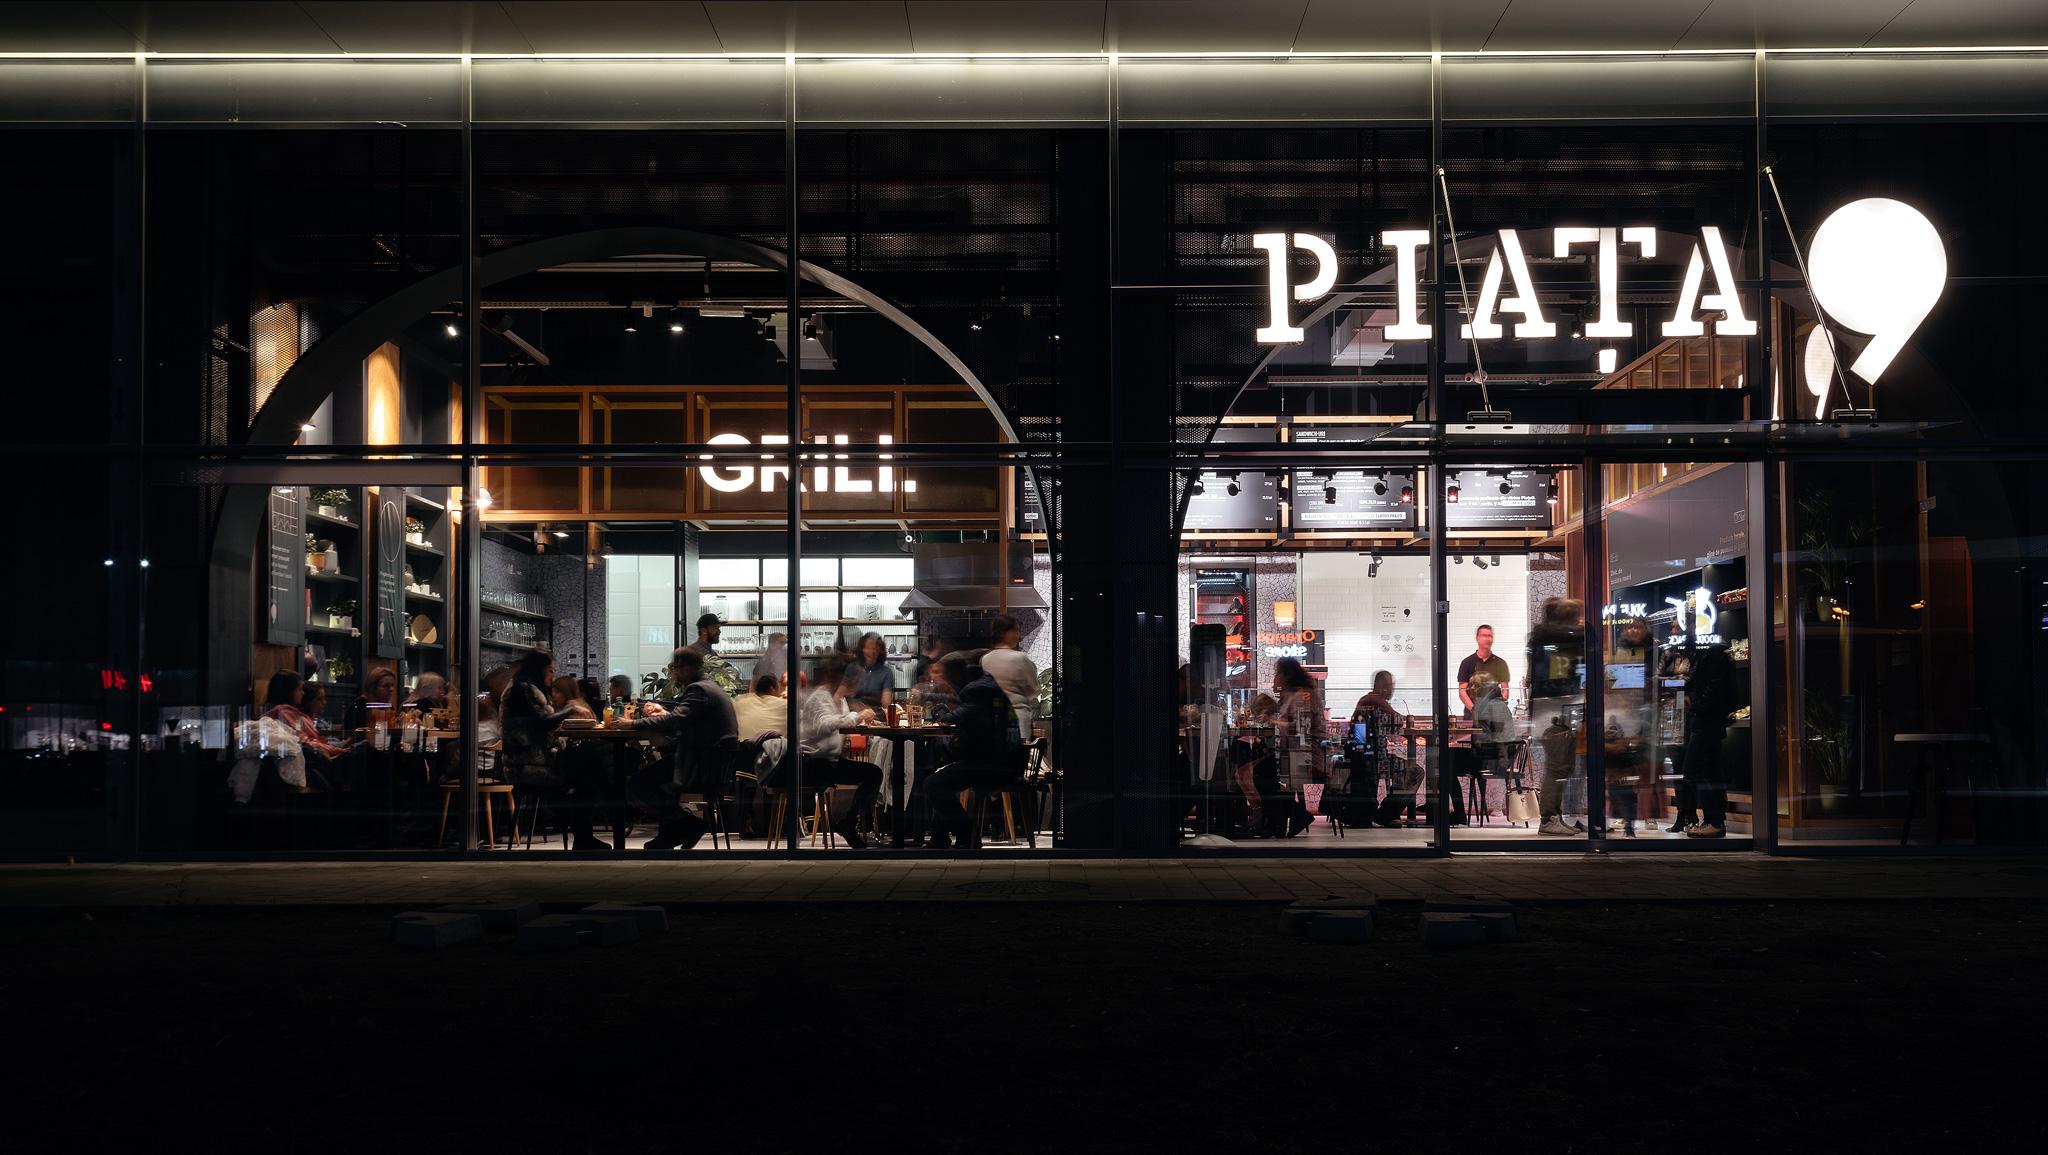 PiataNoua1